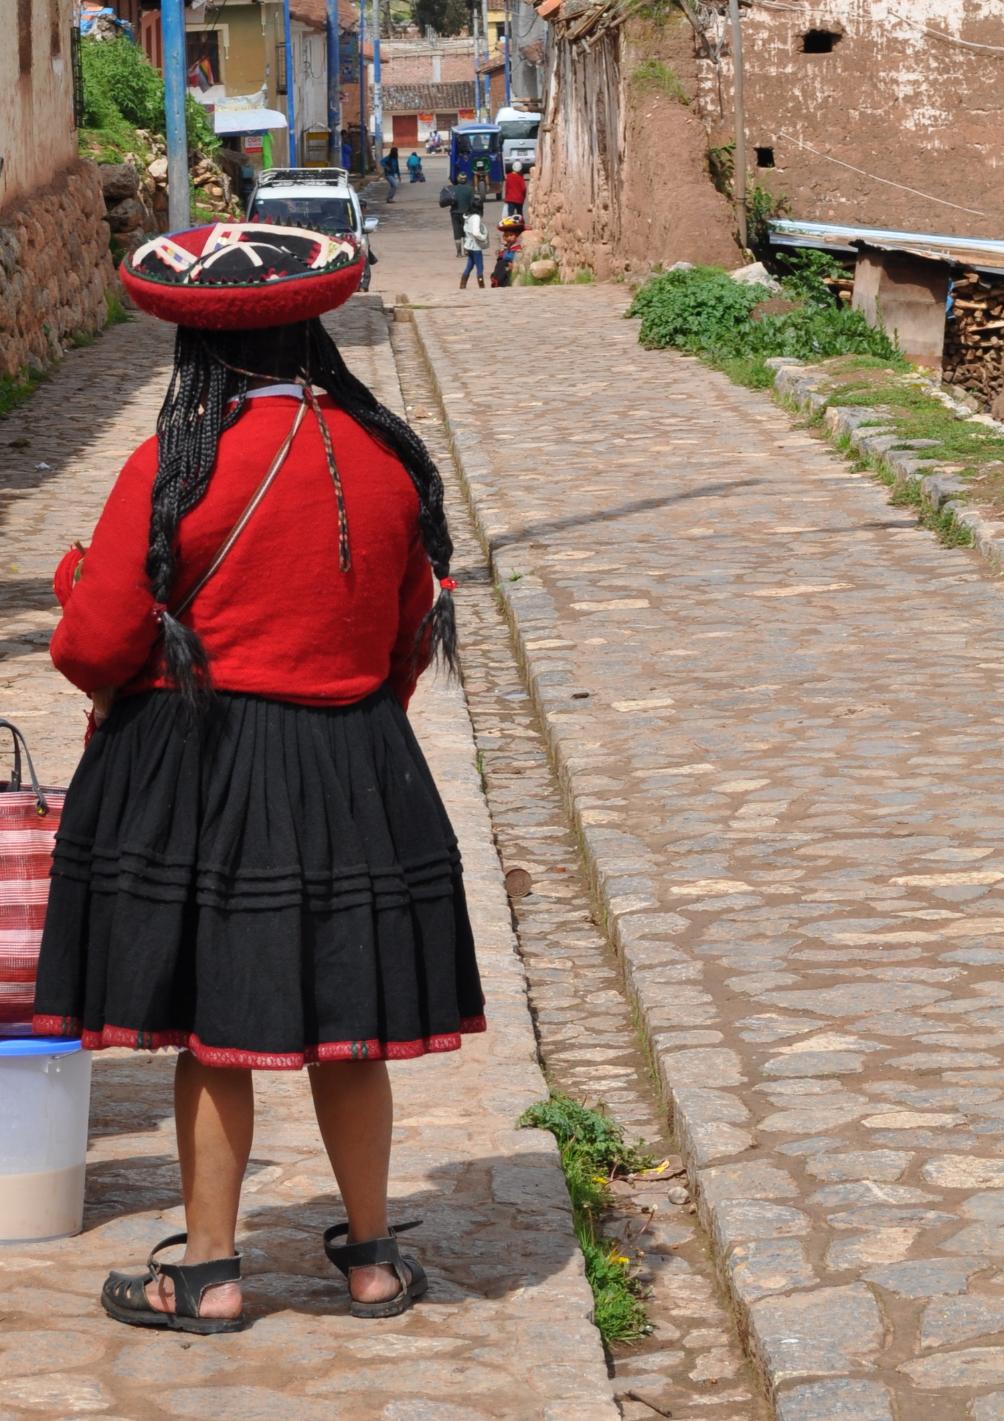 Gran parte de la población este lugar son quechuas. Foto: Pamy Rojas